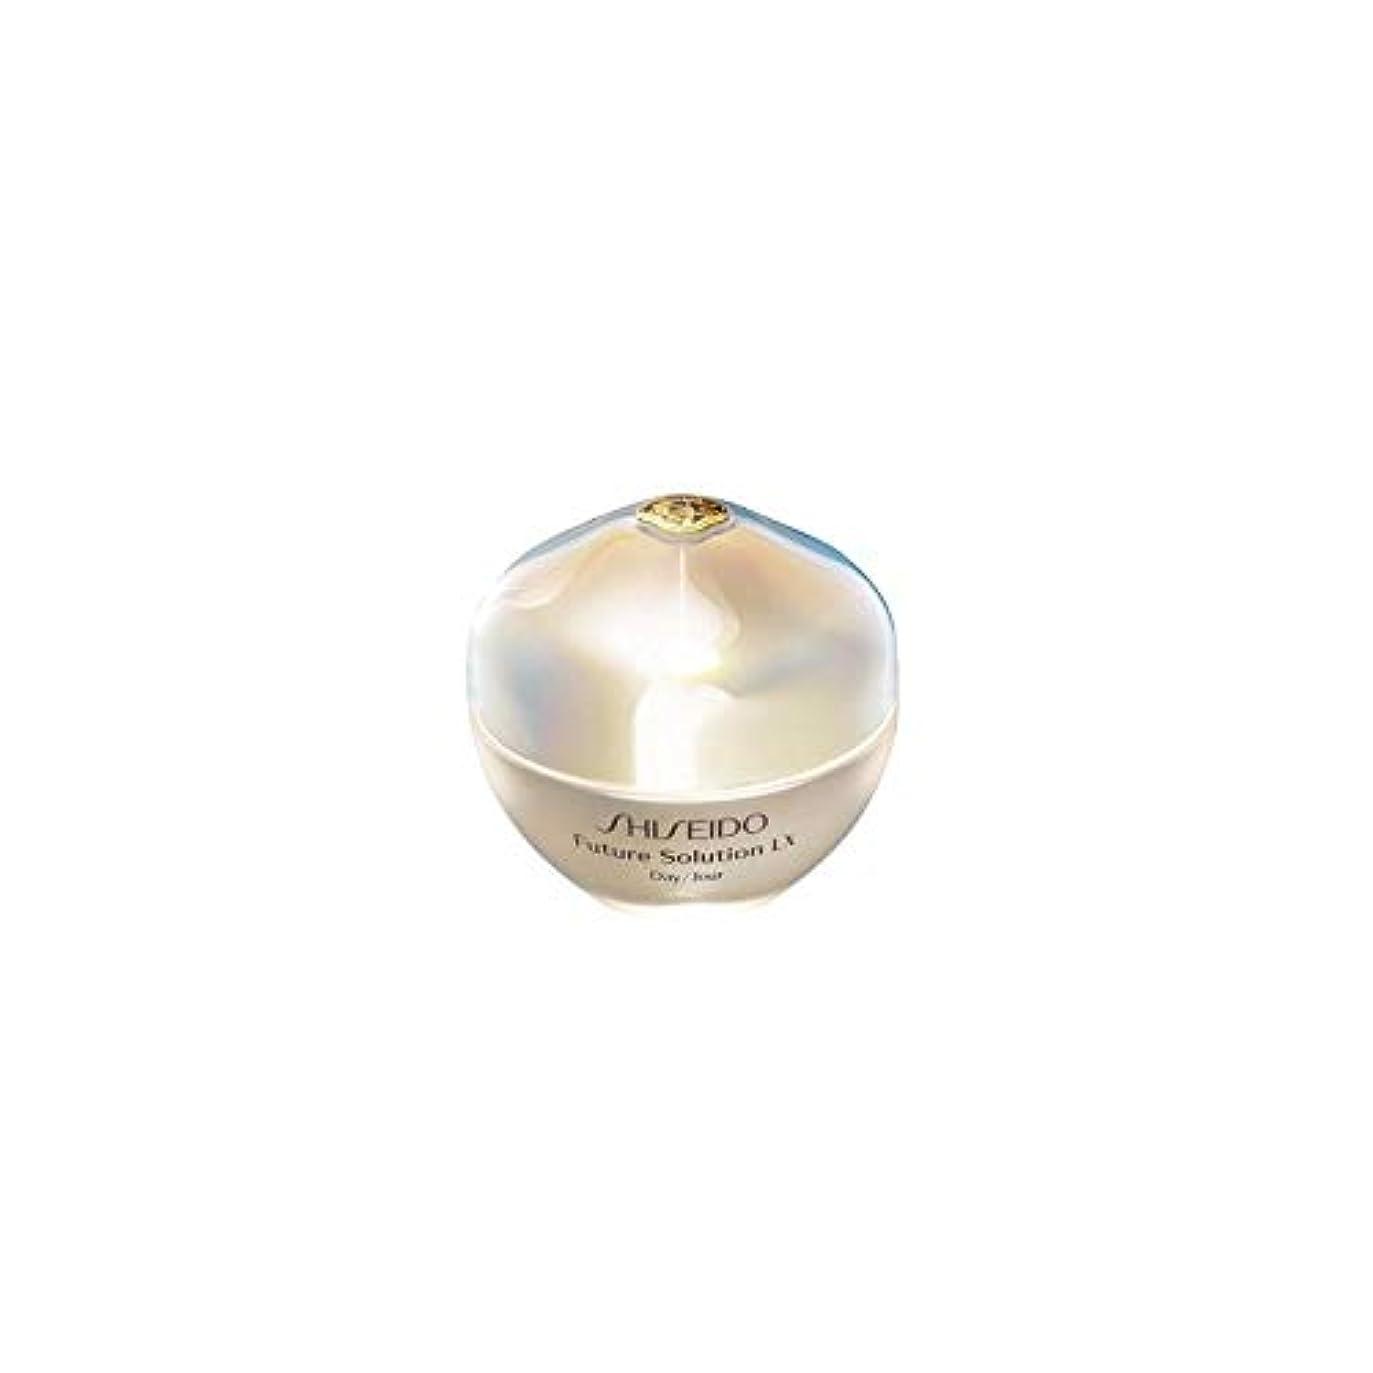 勇気ボイコット記念品[Shiseido] 資生堂Sfs Lx合計保護クリーム(50Ml)中 - Shiseido Sfs Lx Total Protective Cream (50ml) [並行輸入品]